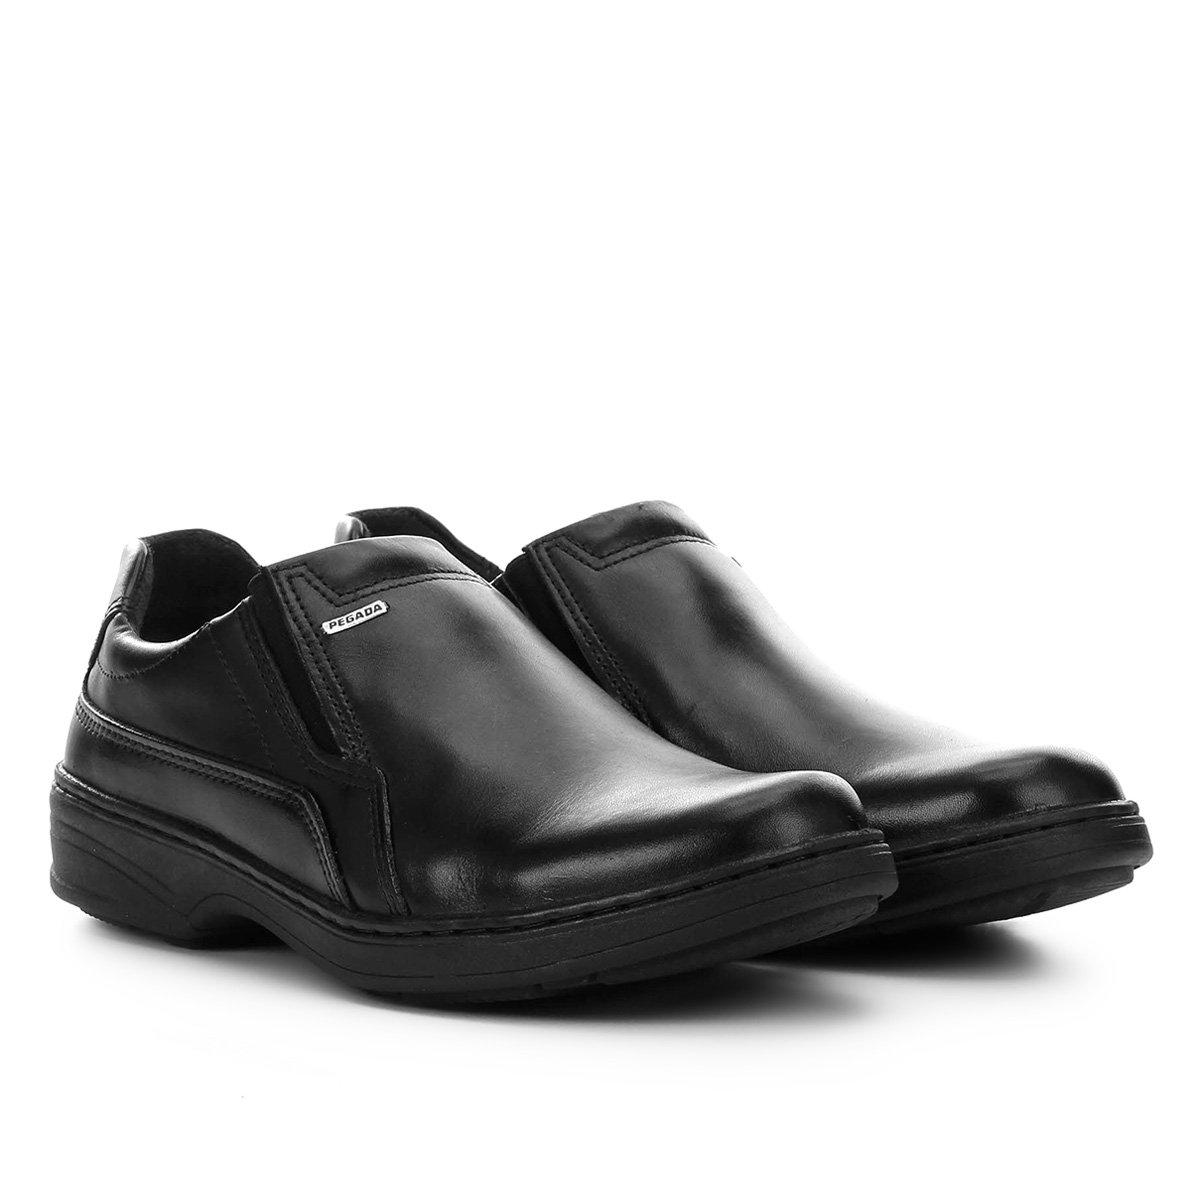 528140a2401 Sapato Social Couro Pegada Bico Redondo - Compre Agora